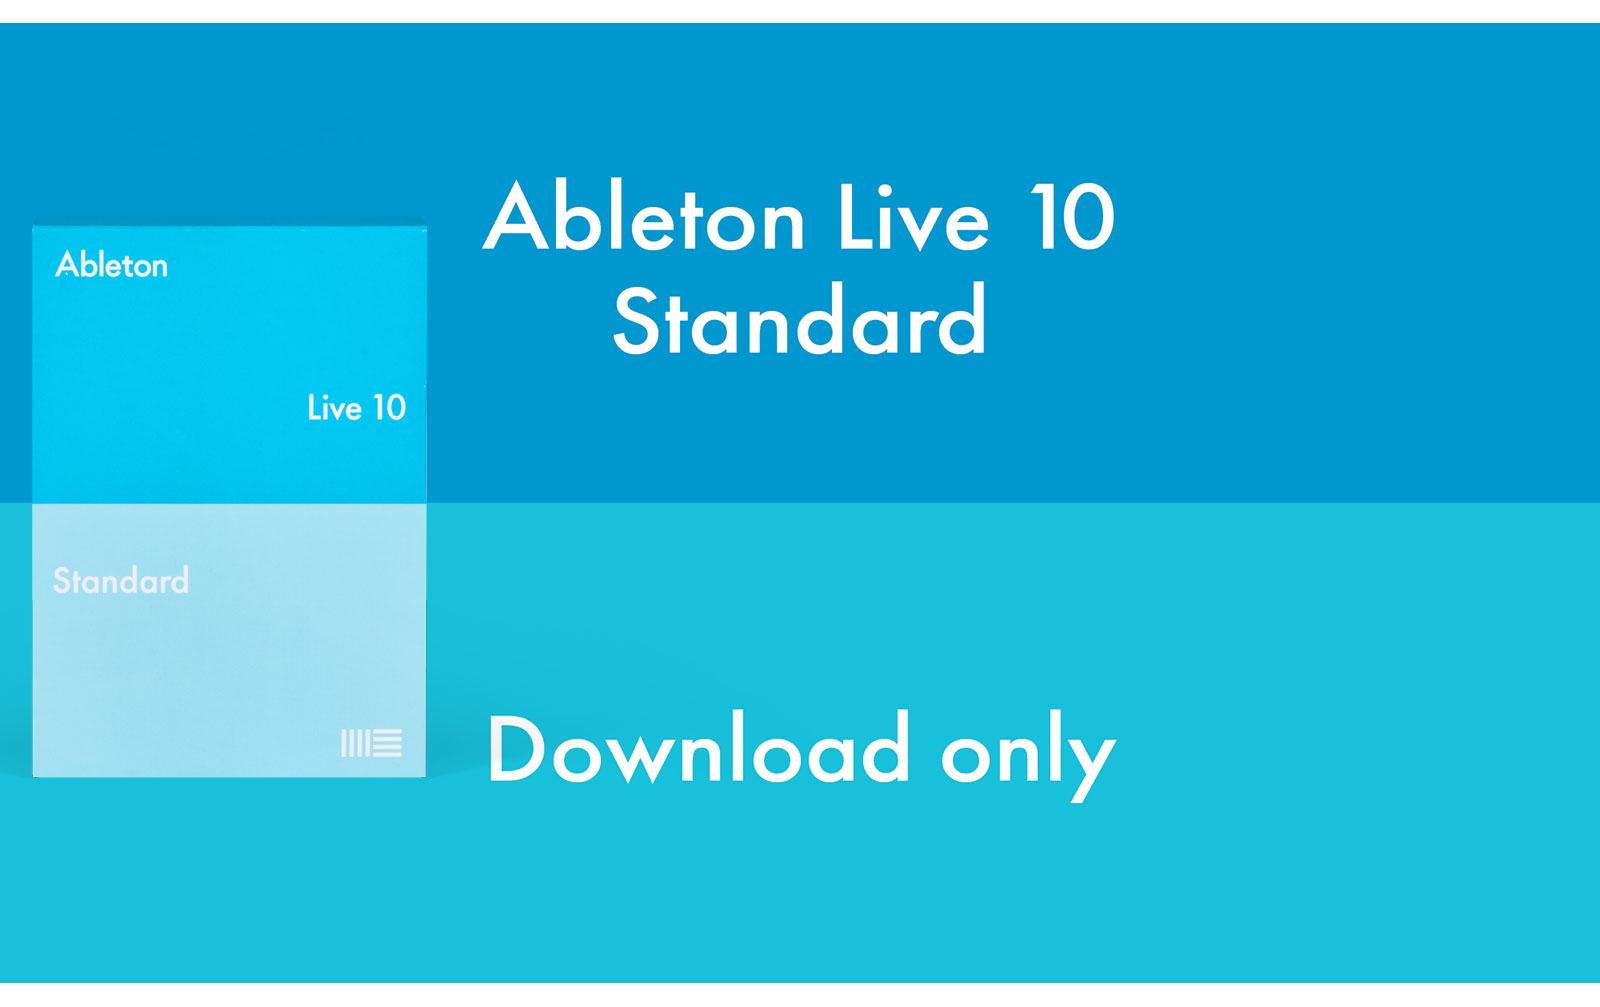 ableton-live-10-standard-upg-from-live-1-9-standard-download